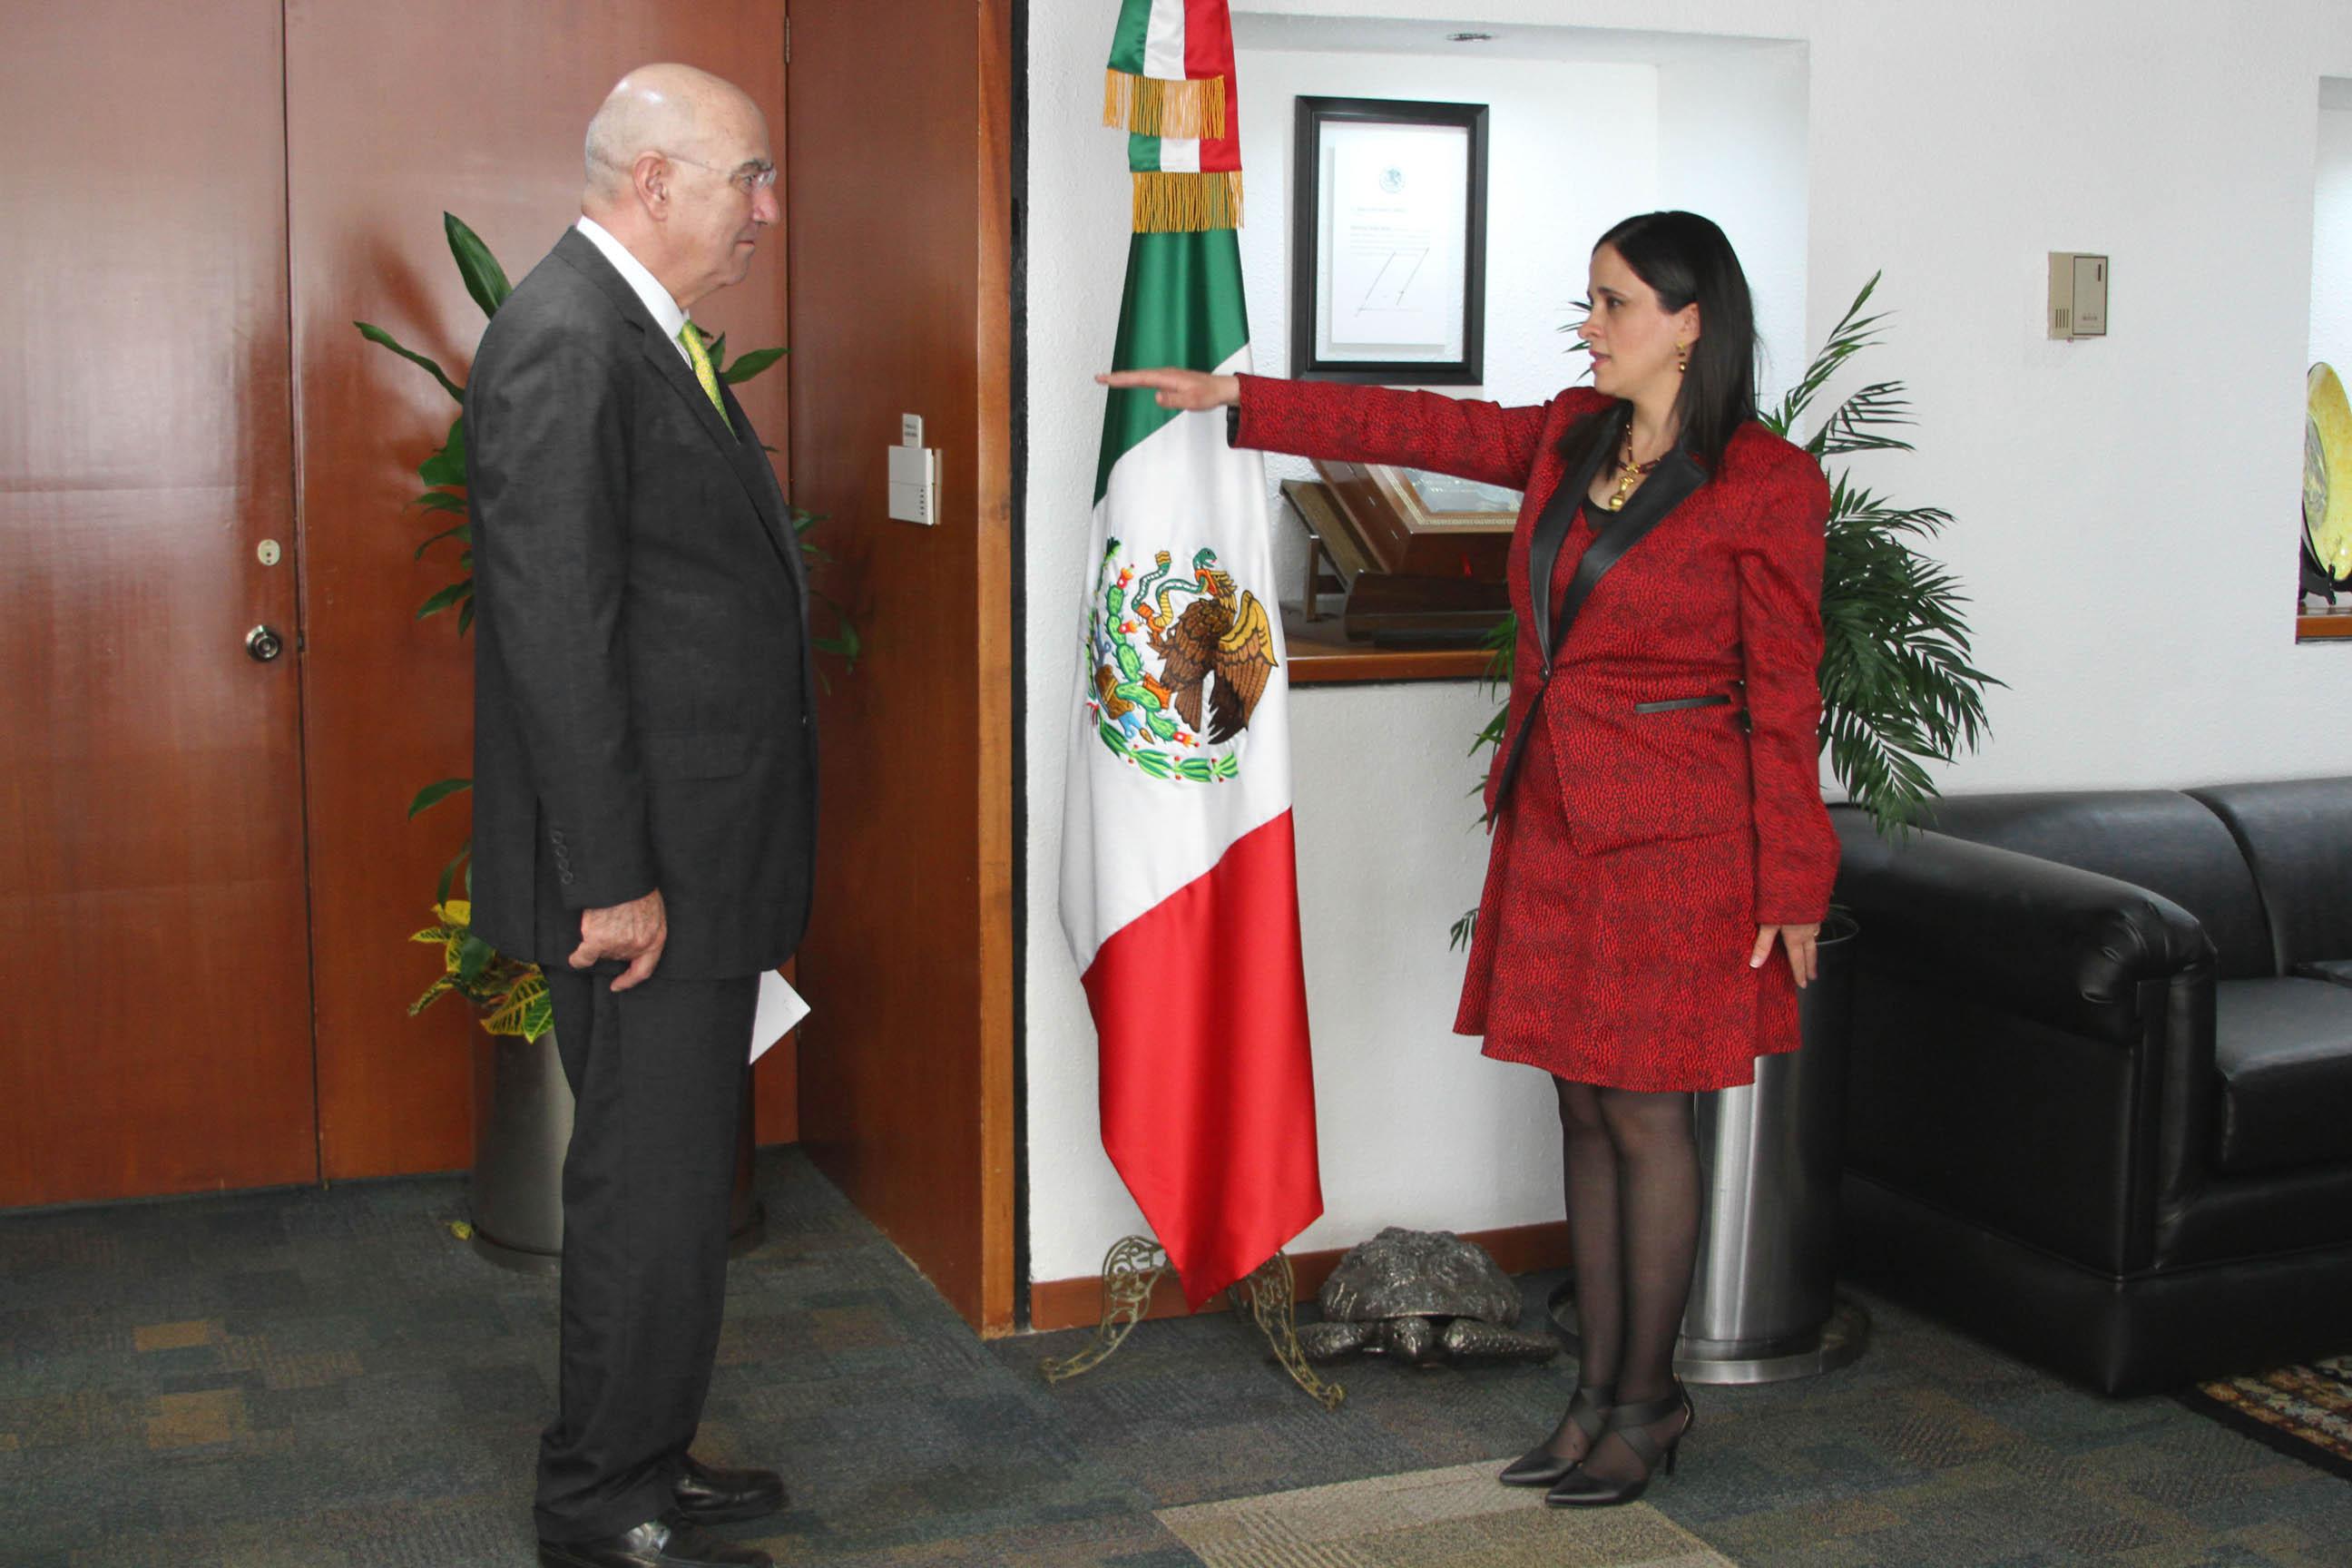 Guerra Abud tomó protesta a Mayela María de Lourdes Quiroga Tamez, como delegada de Nuevo León.